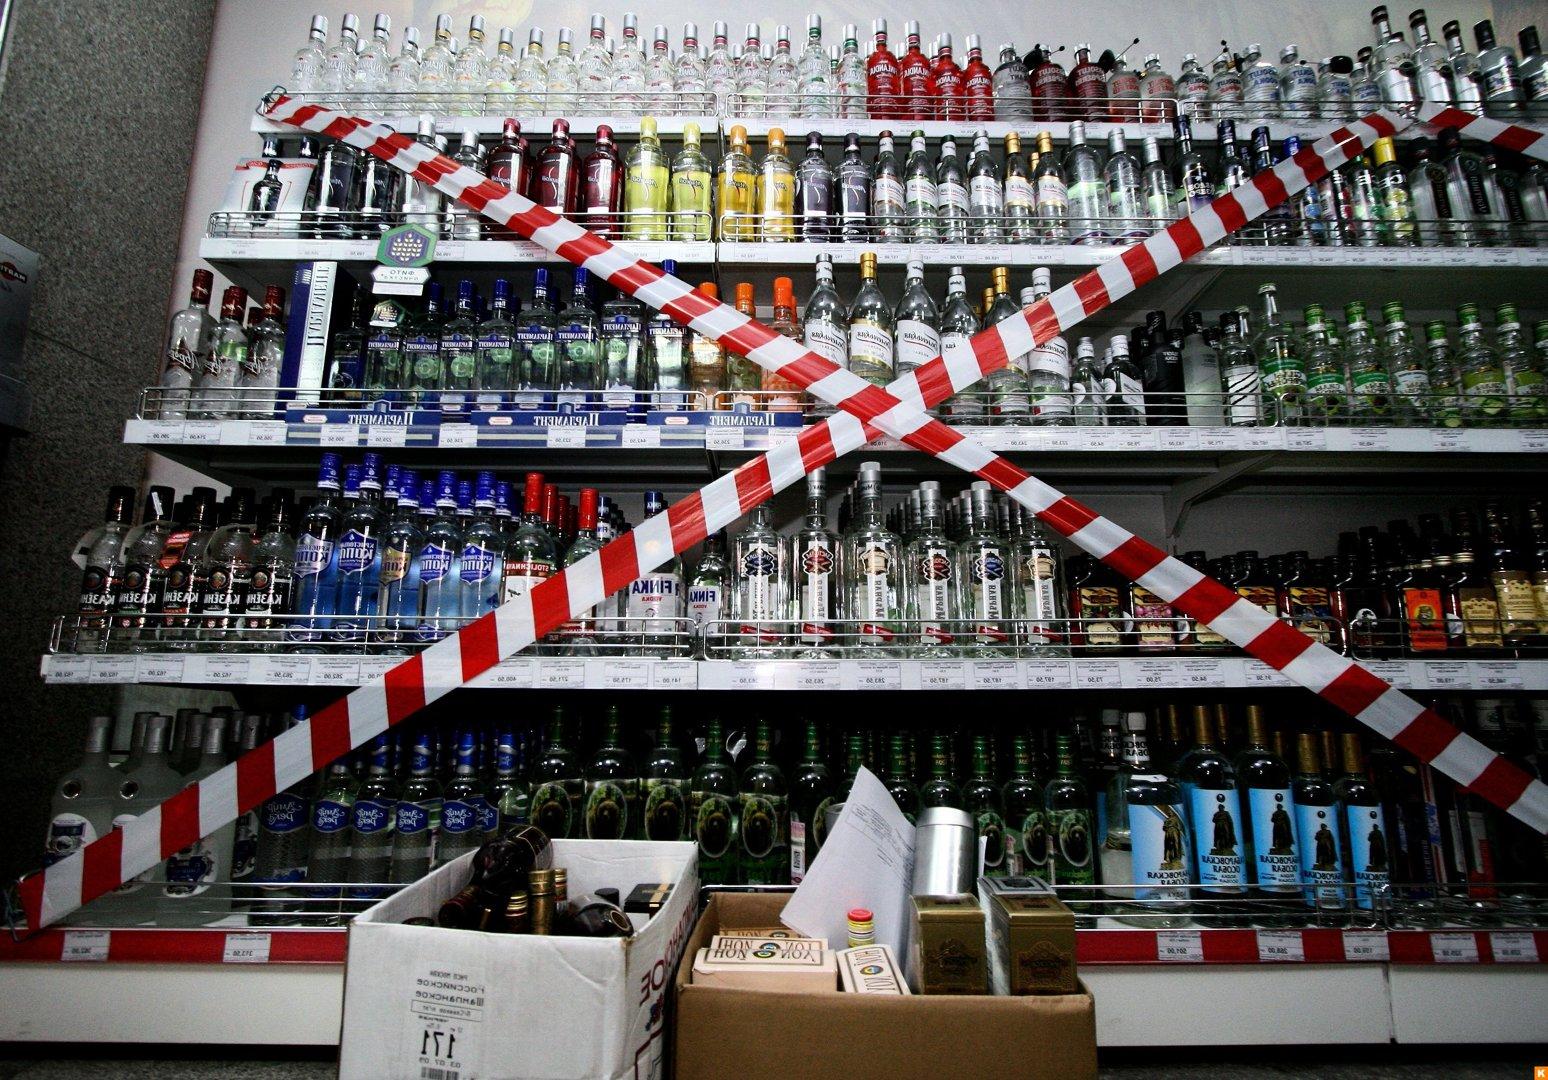 В Павлодаре оштрафовали владельцев магазинов за торговлю алкоголем